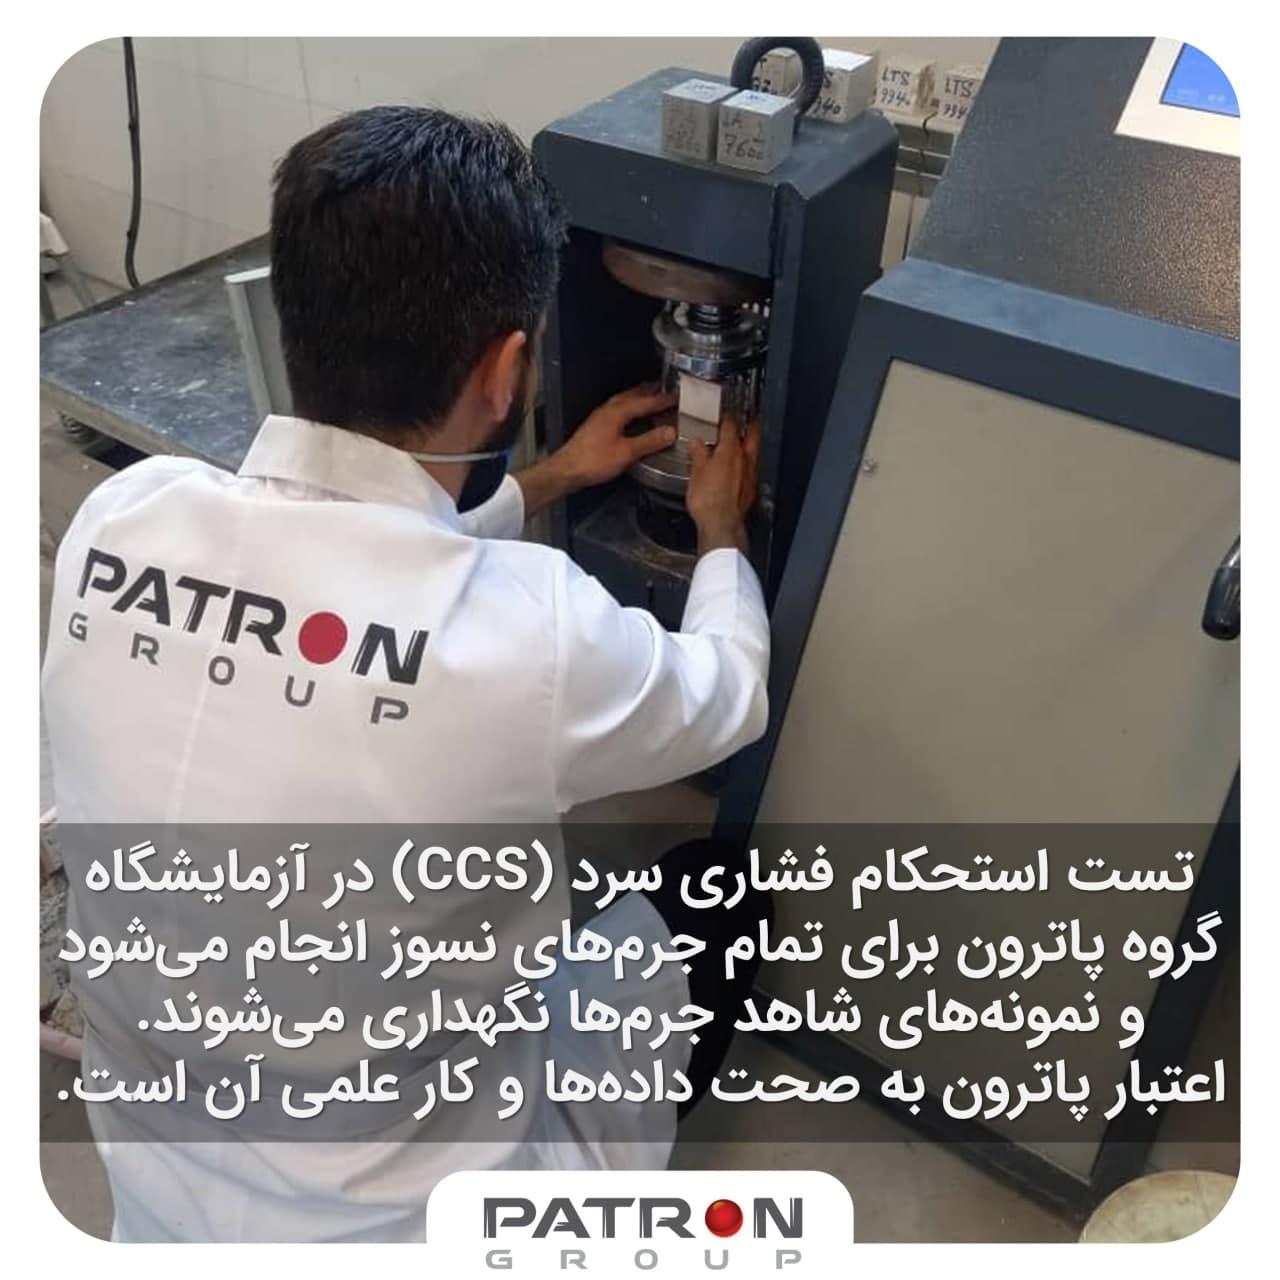 تست استحکام فشاری سرد (CCS) در آزمایشگاه گروه پاترون